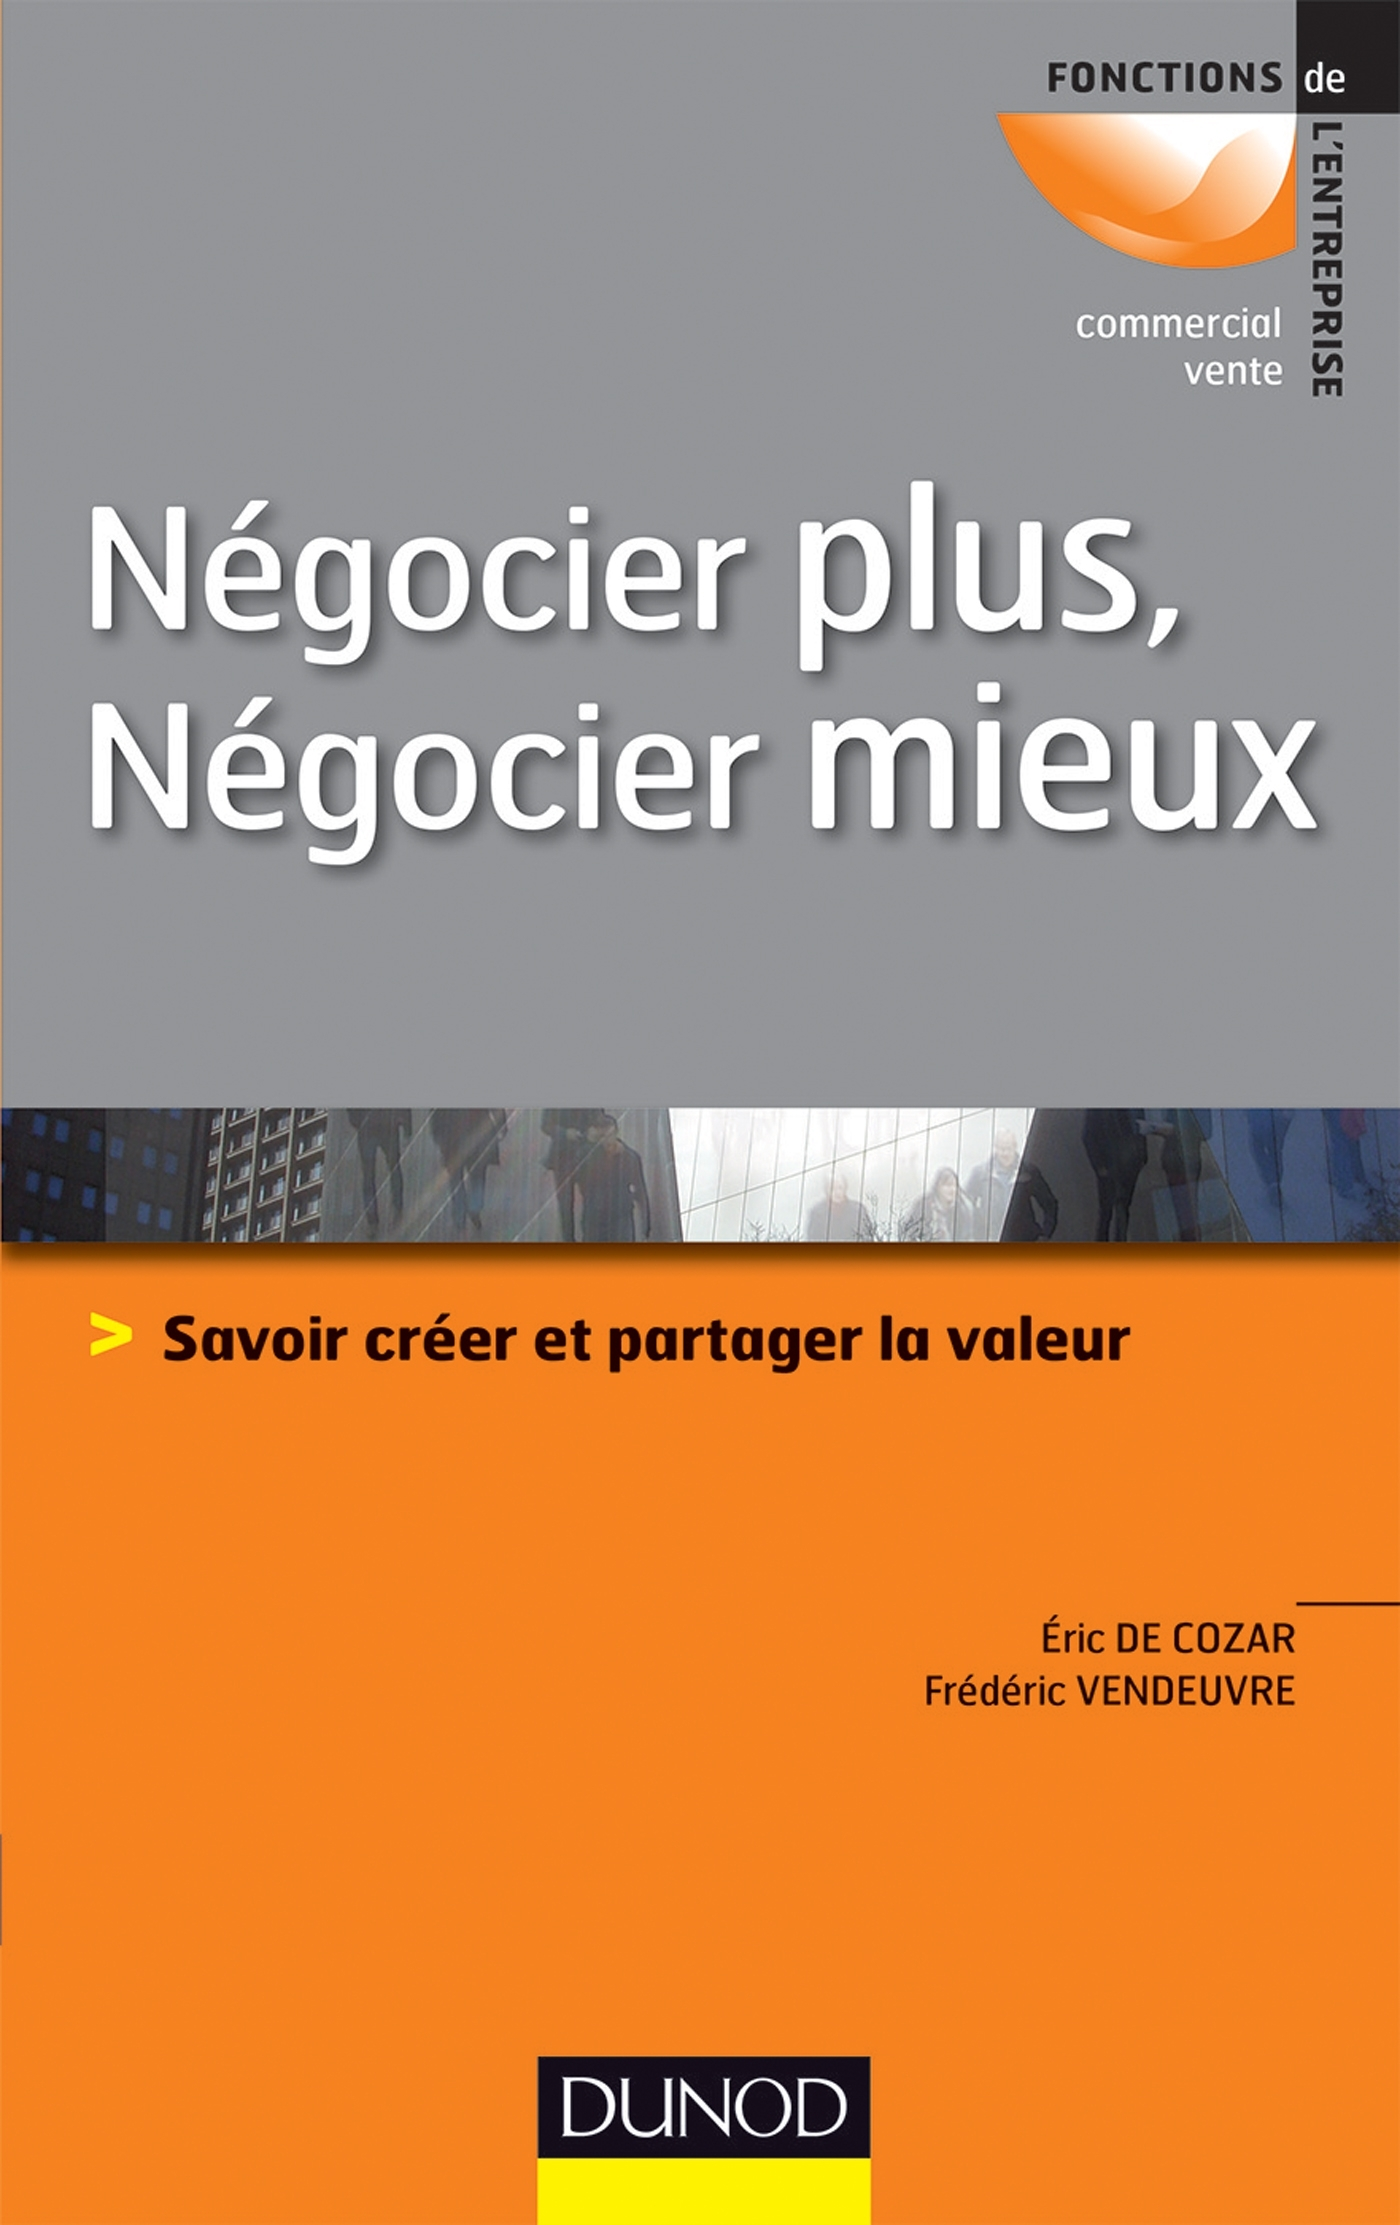 NEGOCIER PLUS, NEGOCIER MIEUX - SAVOIR CREER ET PARTAGER LA VALEUR